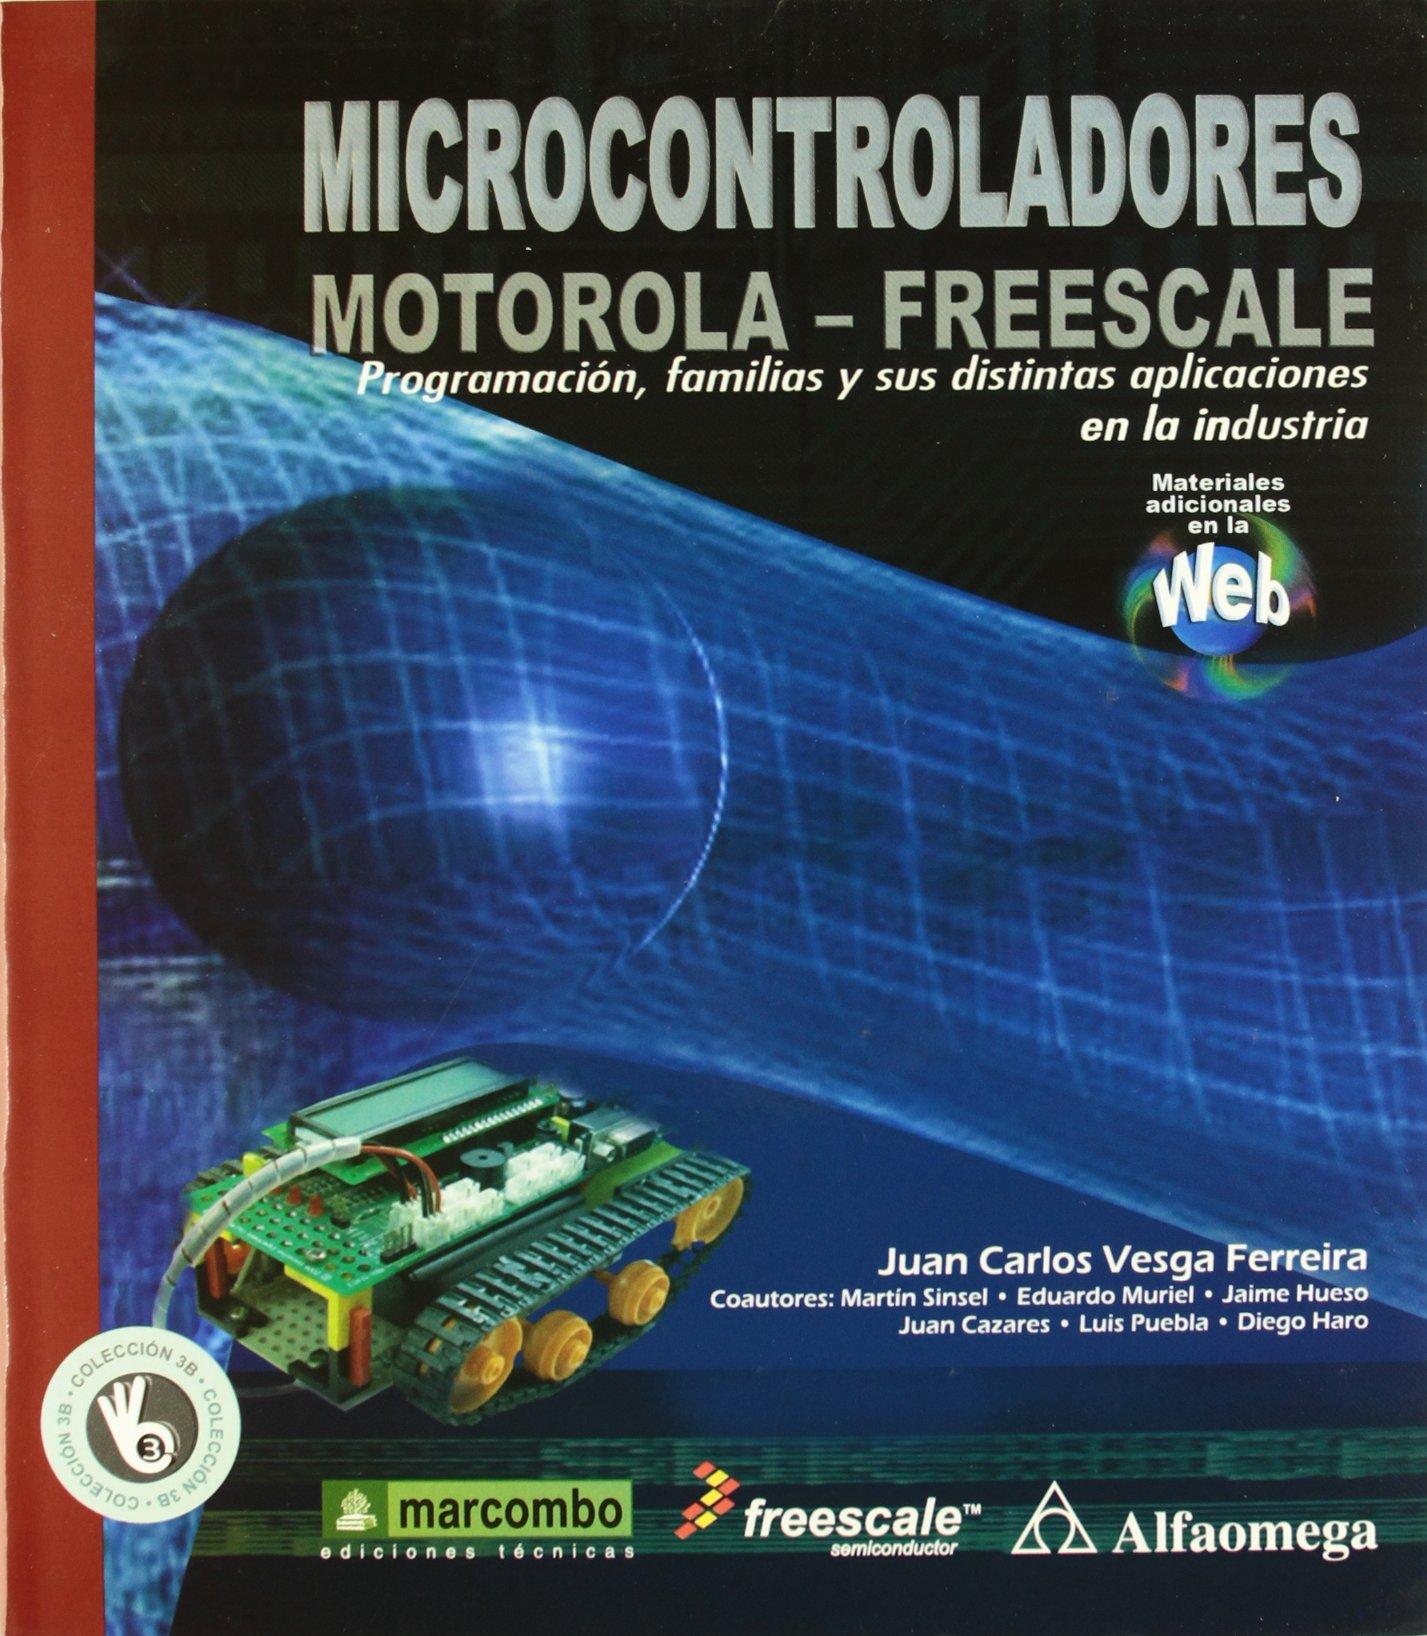 microcontroladores motorola freescale